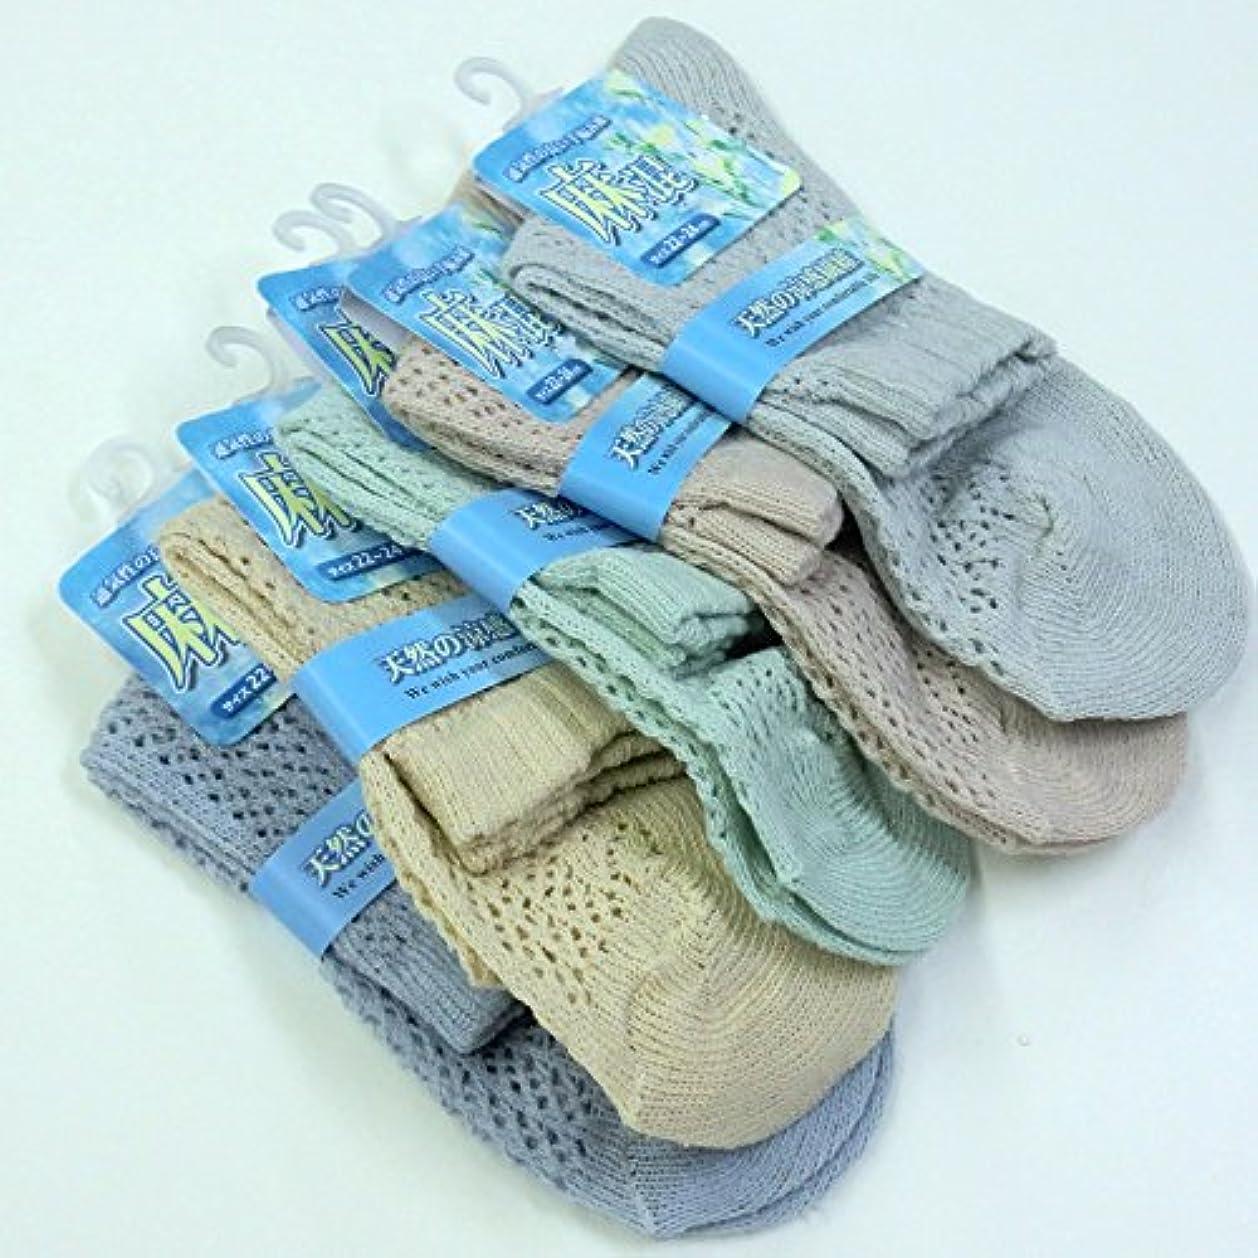 カウンタ作り上げる彼女靴下 レディース 麻混 涼しいルミーソックス おしゃれ手編み風 5色5足組